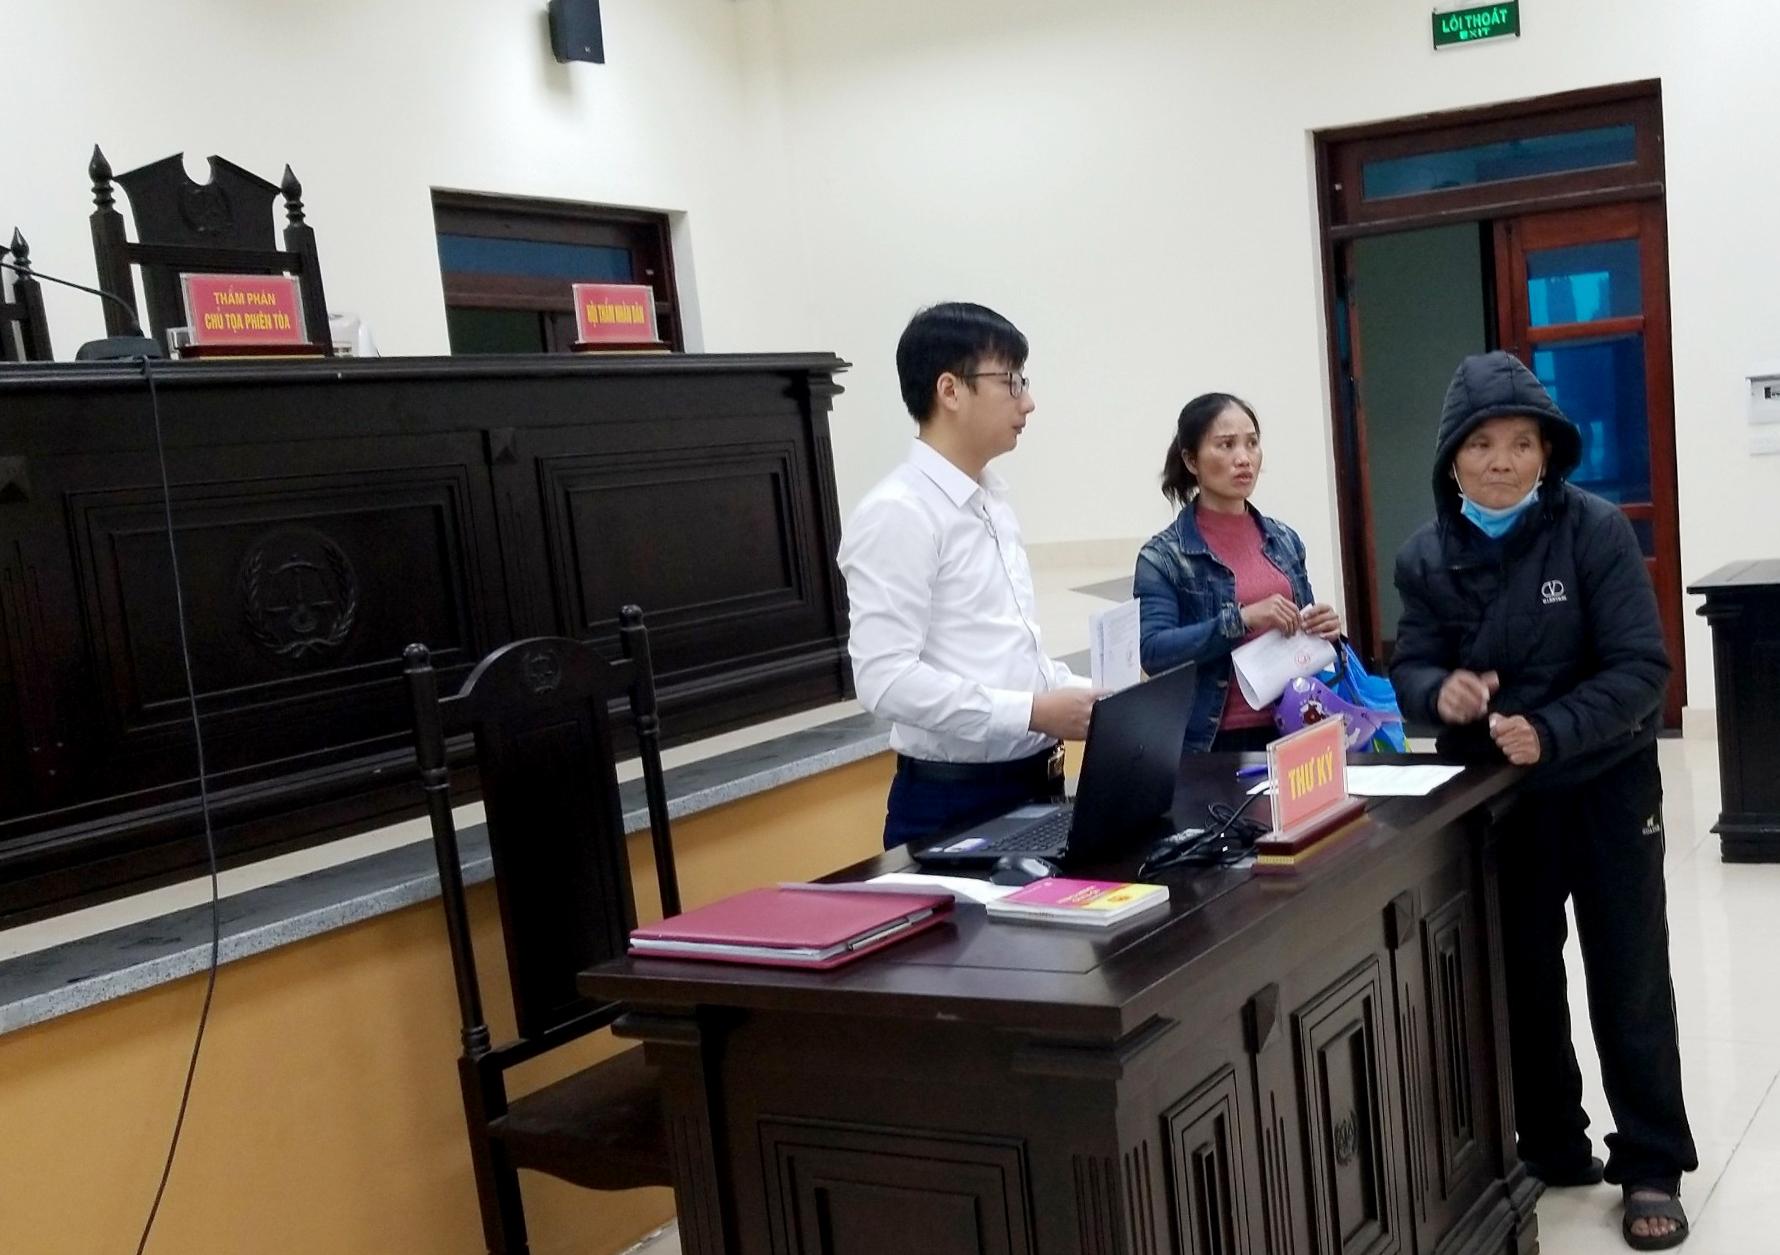 Bị đột quỵ năm 2019, ông Nghiêm Đình Thuần (áo đen) hiện vẫn phải tập tễnh đến Tòa để đòi quyền lợi chính đáng cho mình (Ảnh chụp ngày 26/3/2021 tại TAND tỉnh Bắc Ninh)